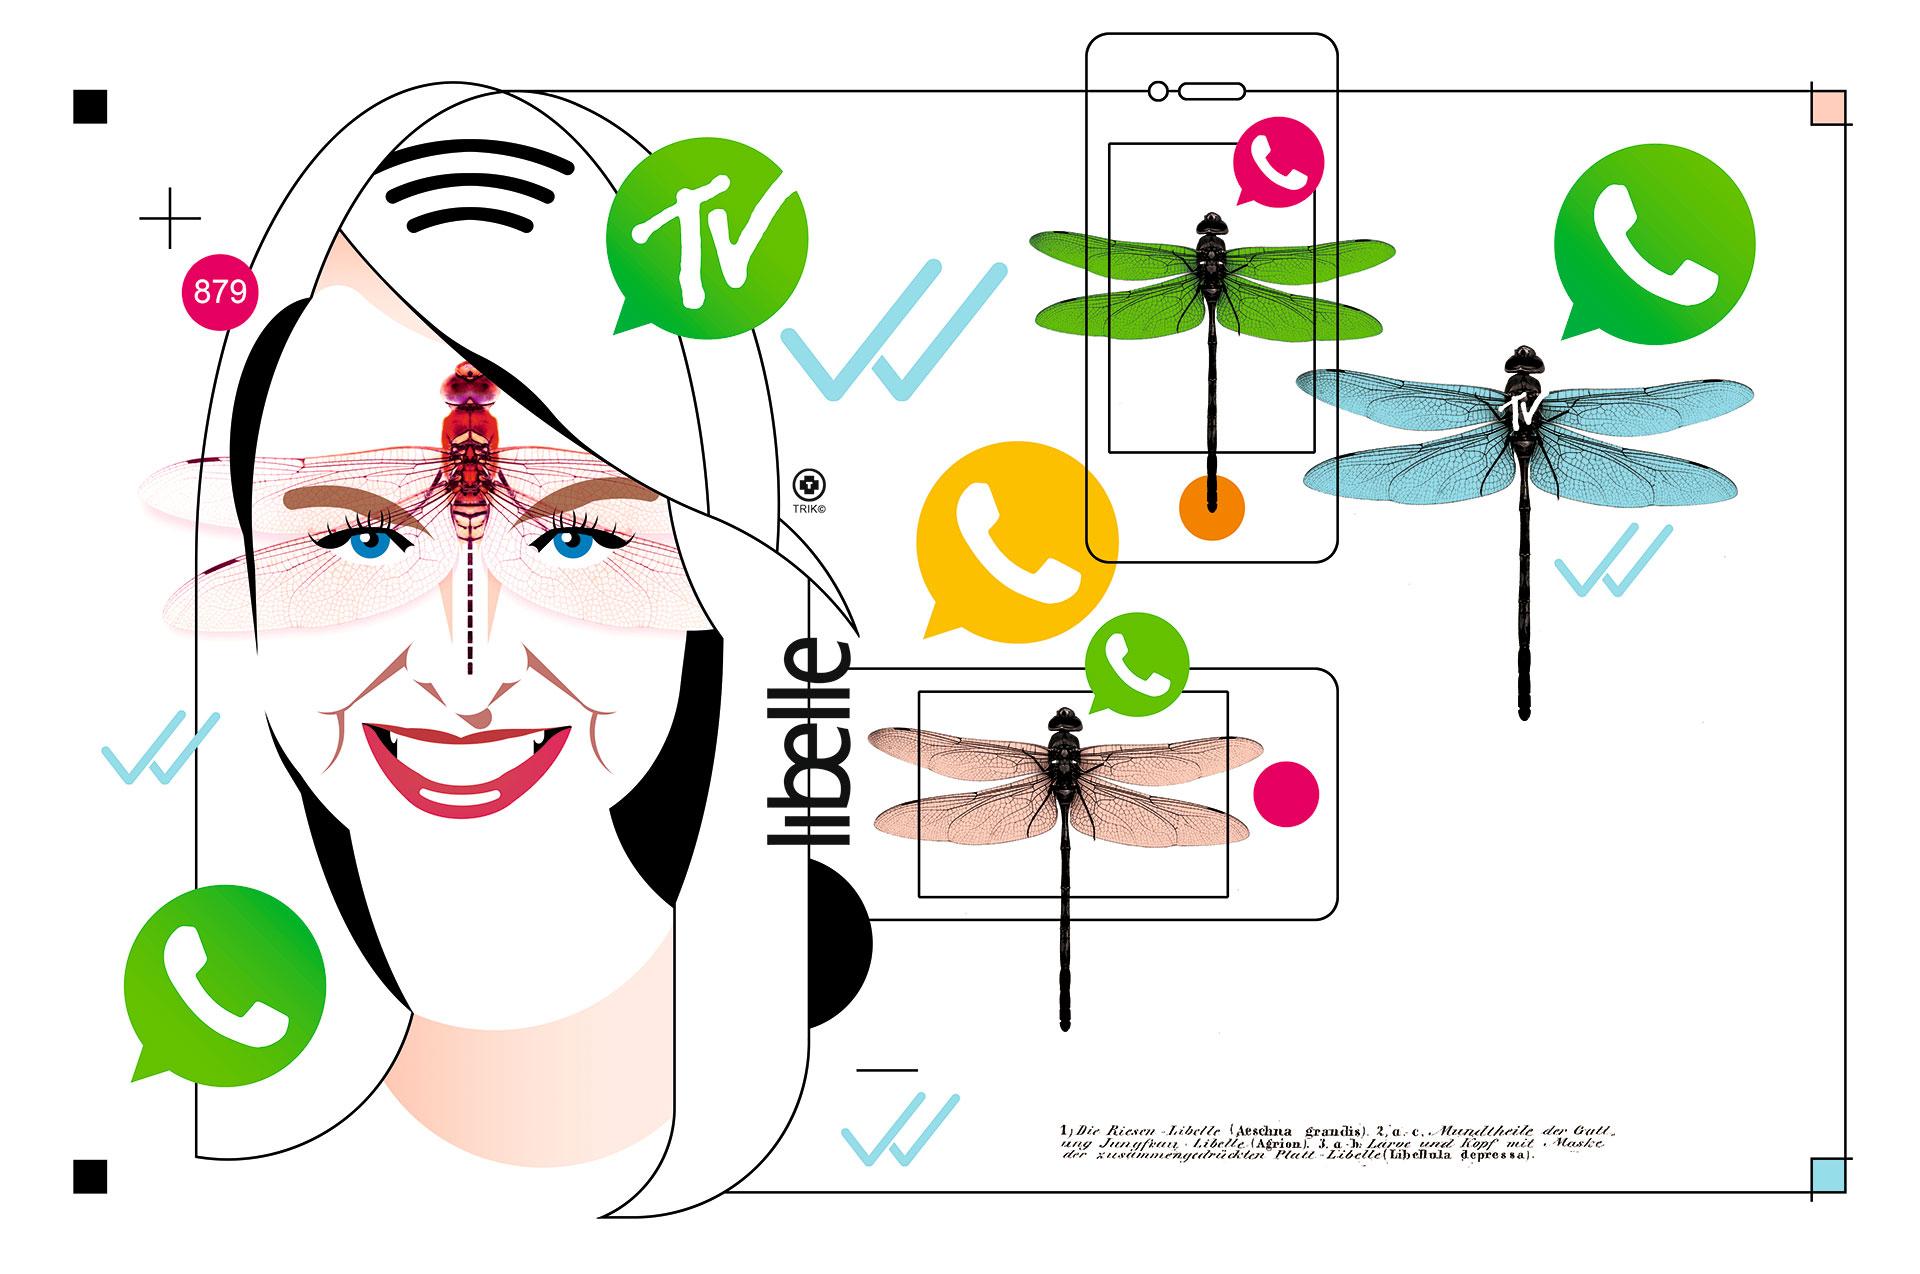 cd66c093bb7 Hilmar Mulder over de digitale strategie van Libelle: 'Online moet je  snackable zijn'